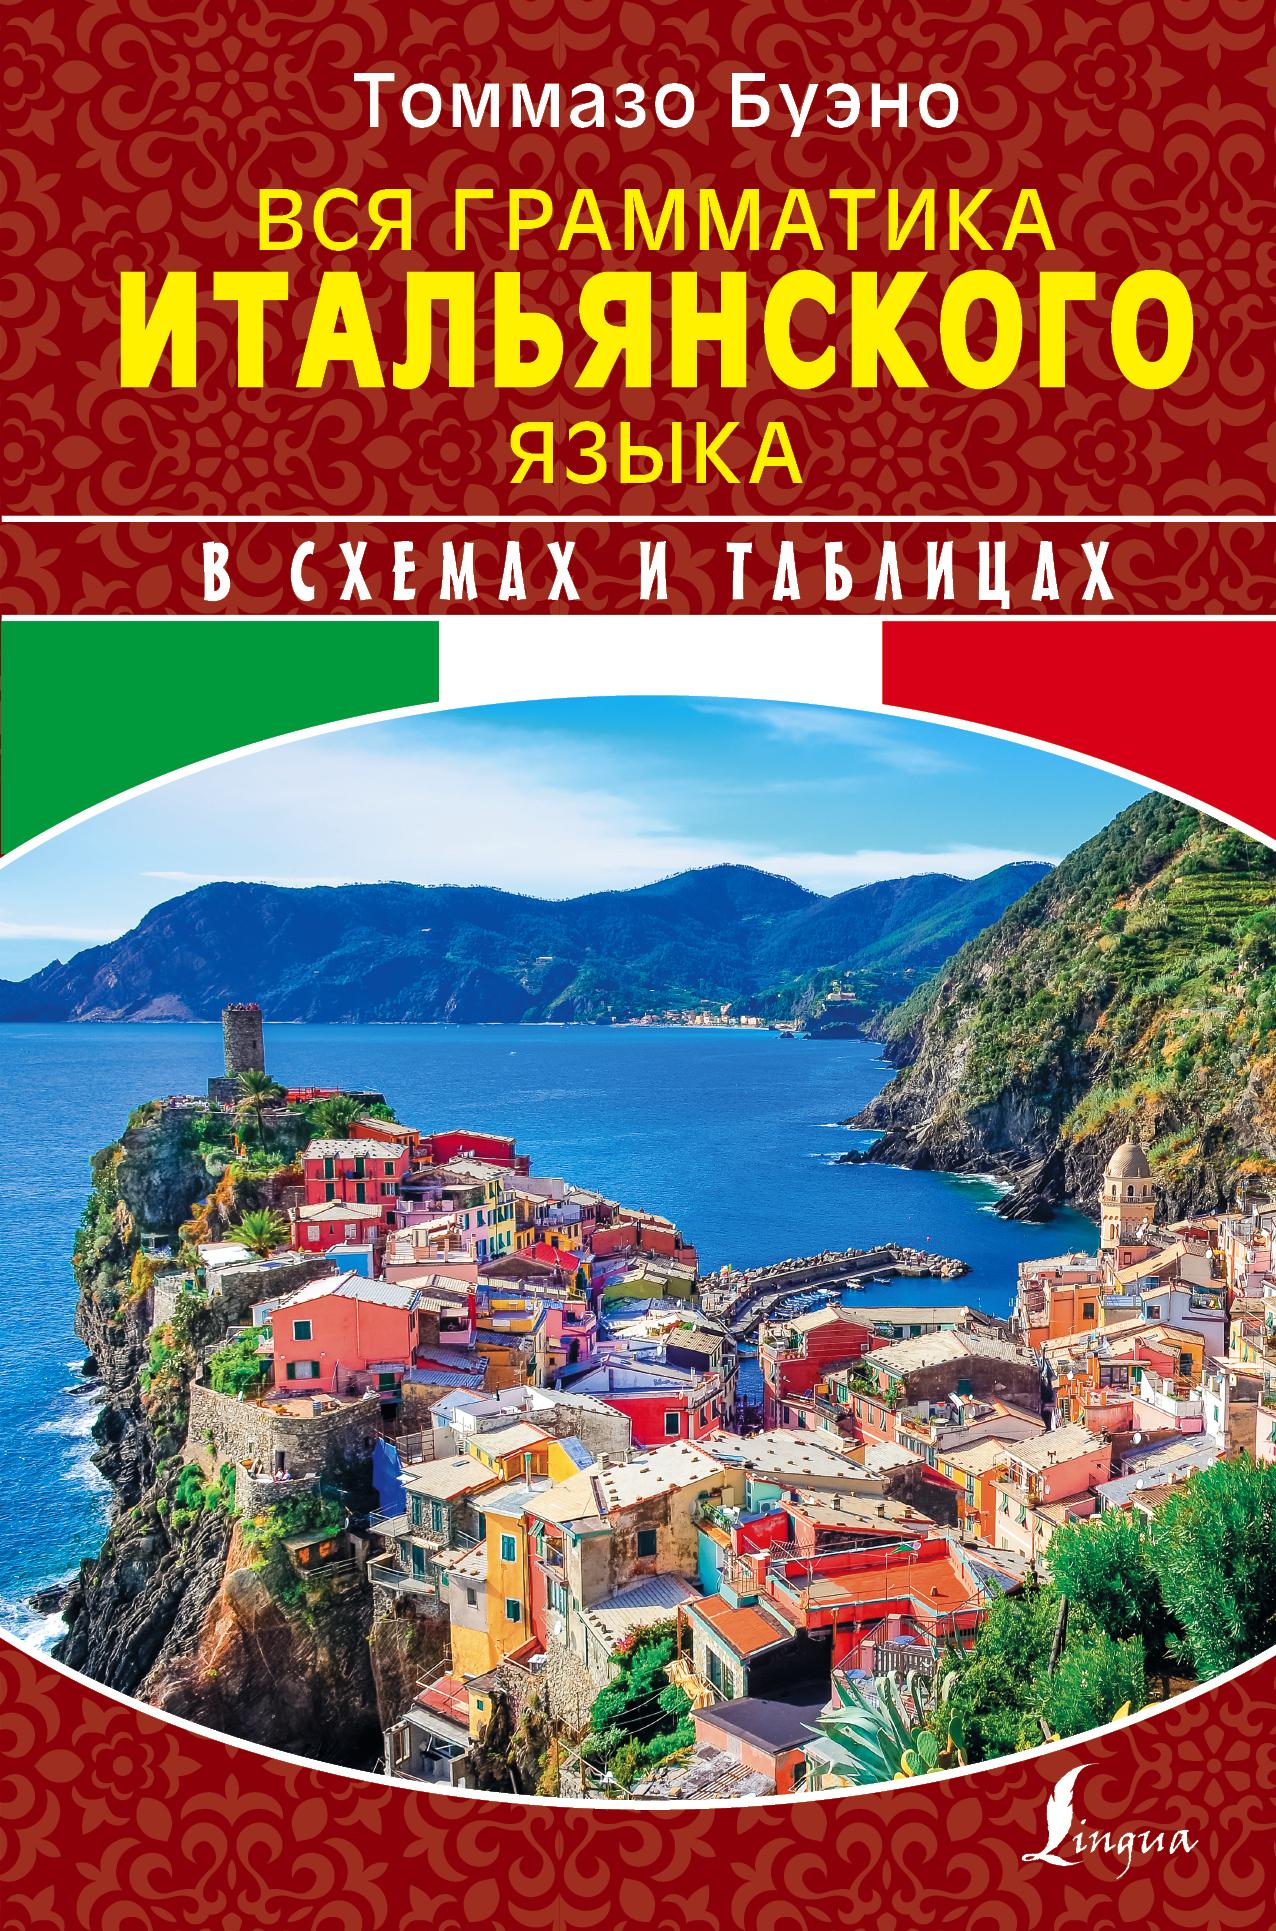 Вся грамматика итальянского языка в схемах и таблицах ( Буэно Т., Грушевская Е.Г.  )